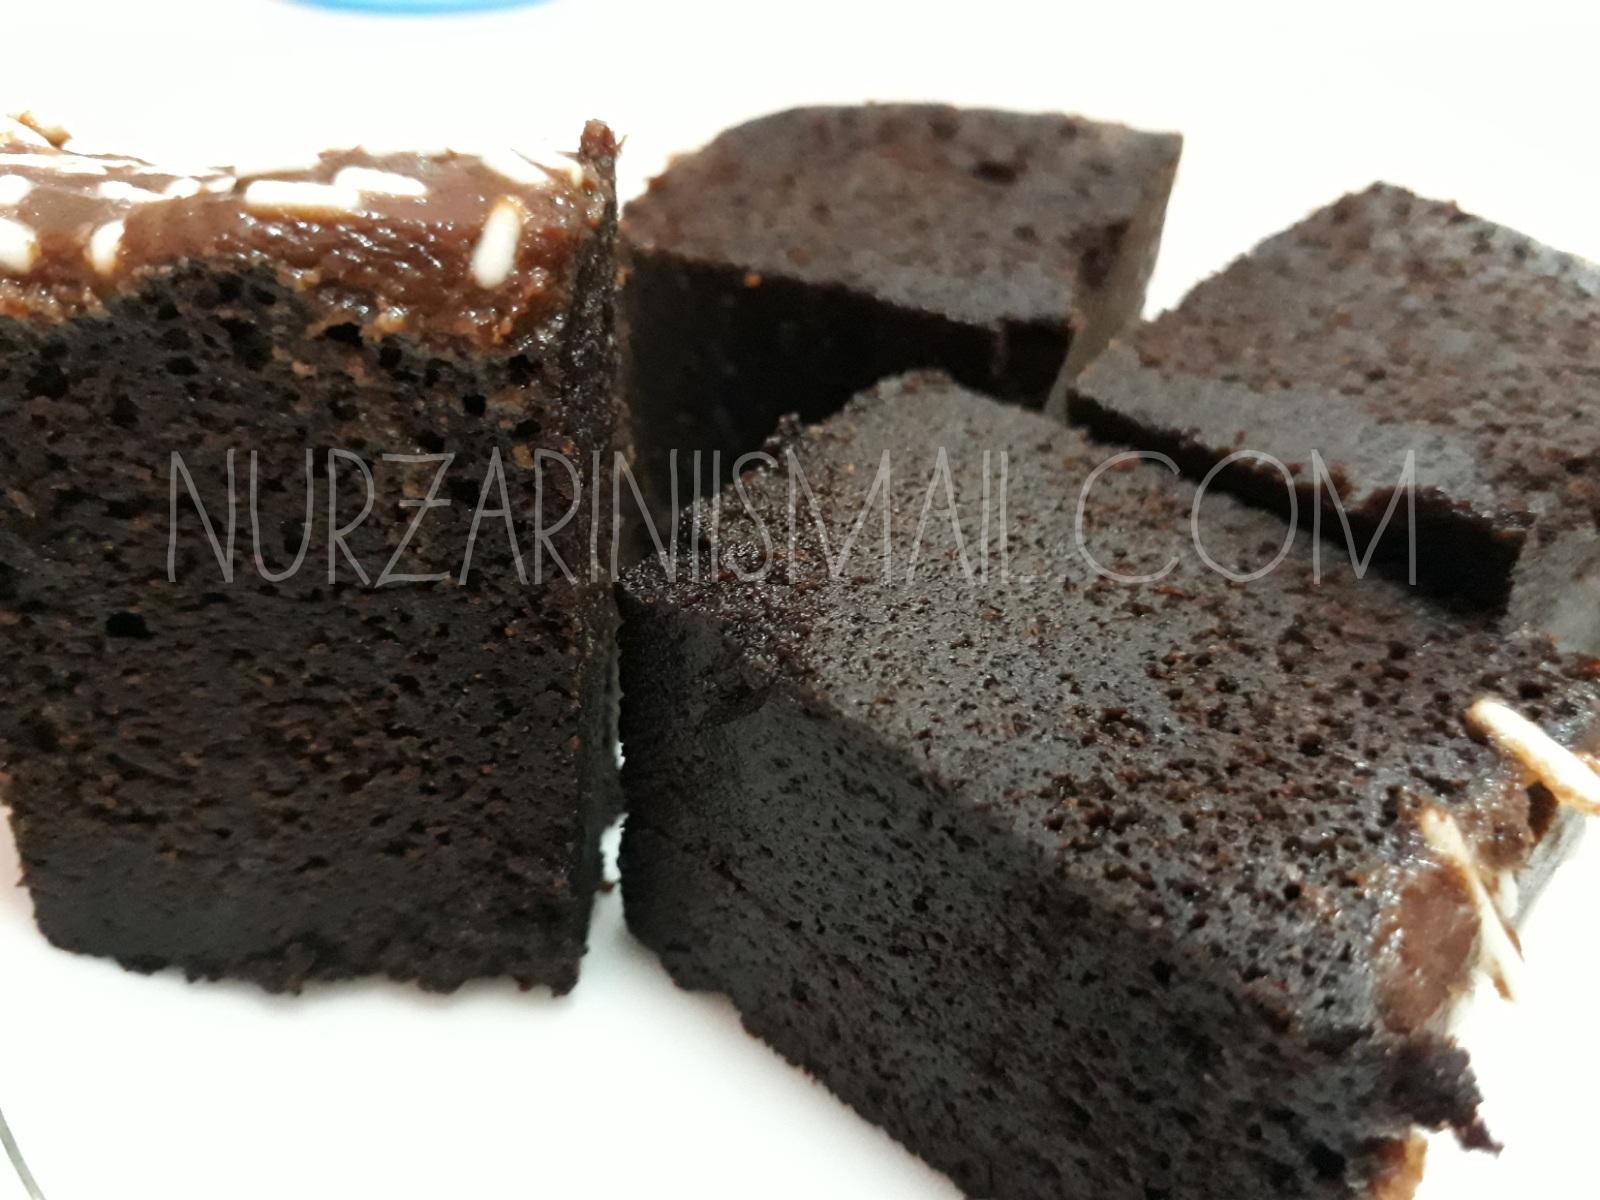 resepi kek vanilla kukus resepi kek coklat kukus moist popular homemade resepi  support Resepi Kek Coklat Cheese Tanpa Telur Enak dan Mudah